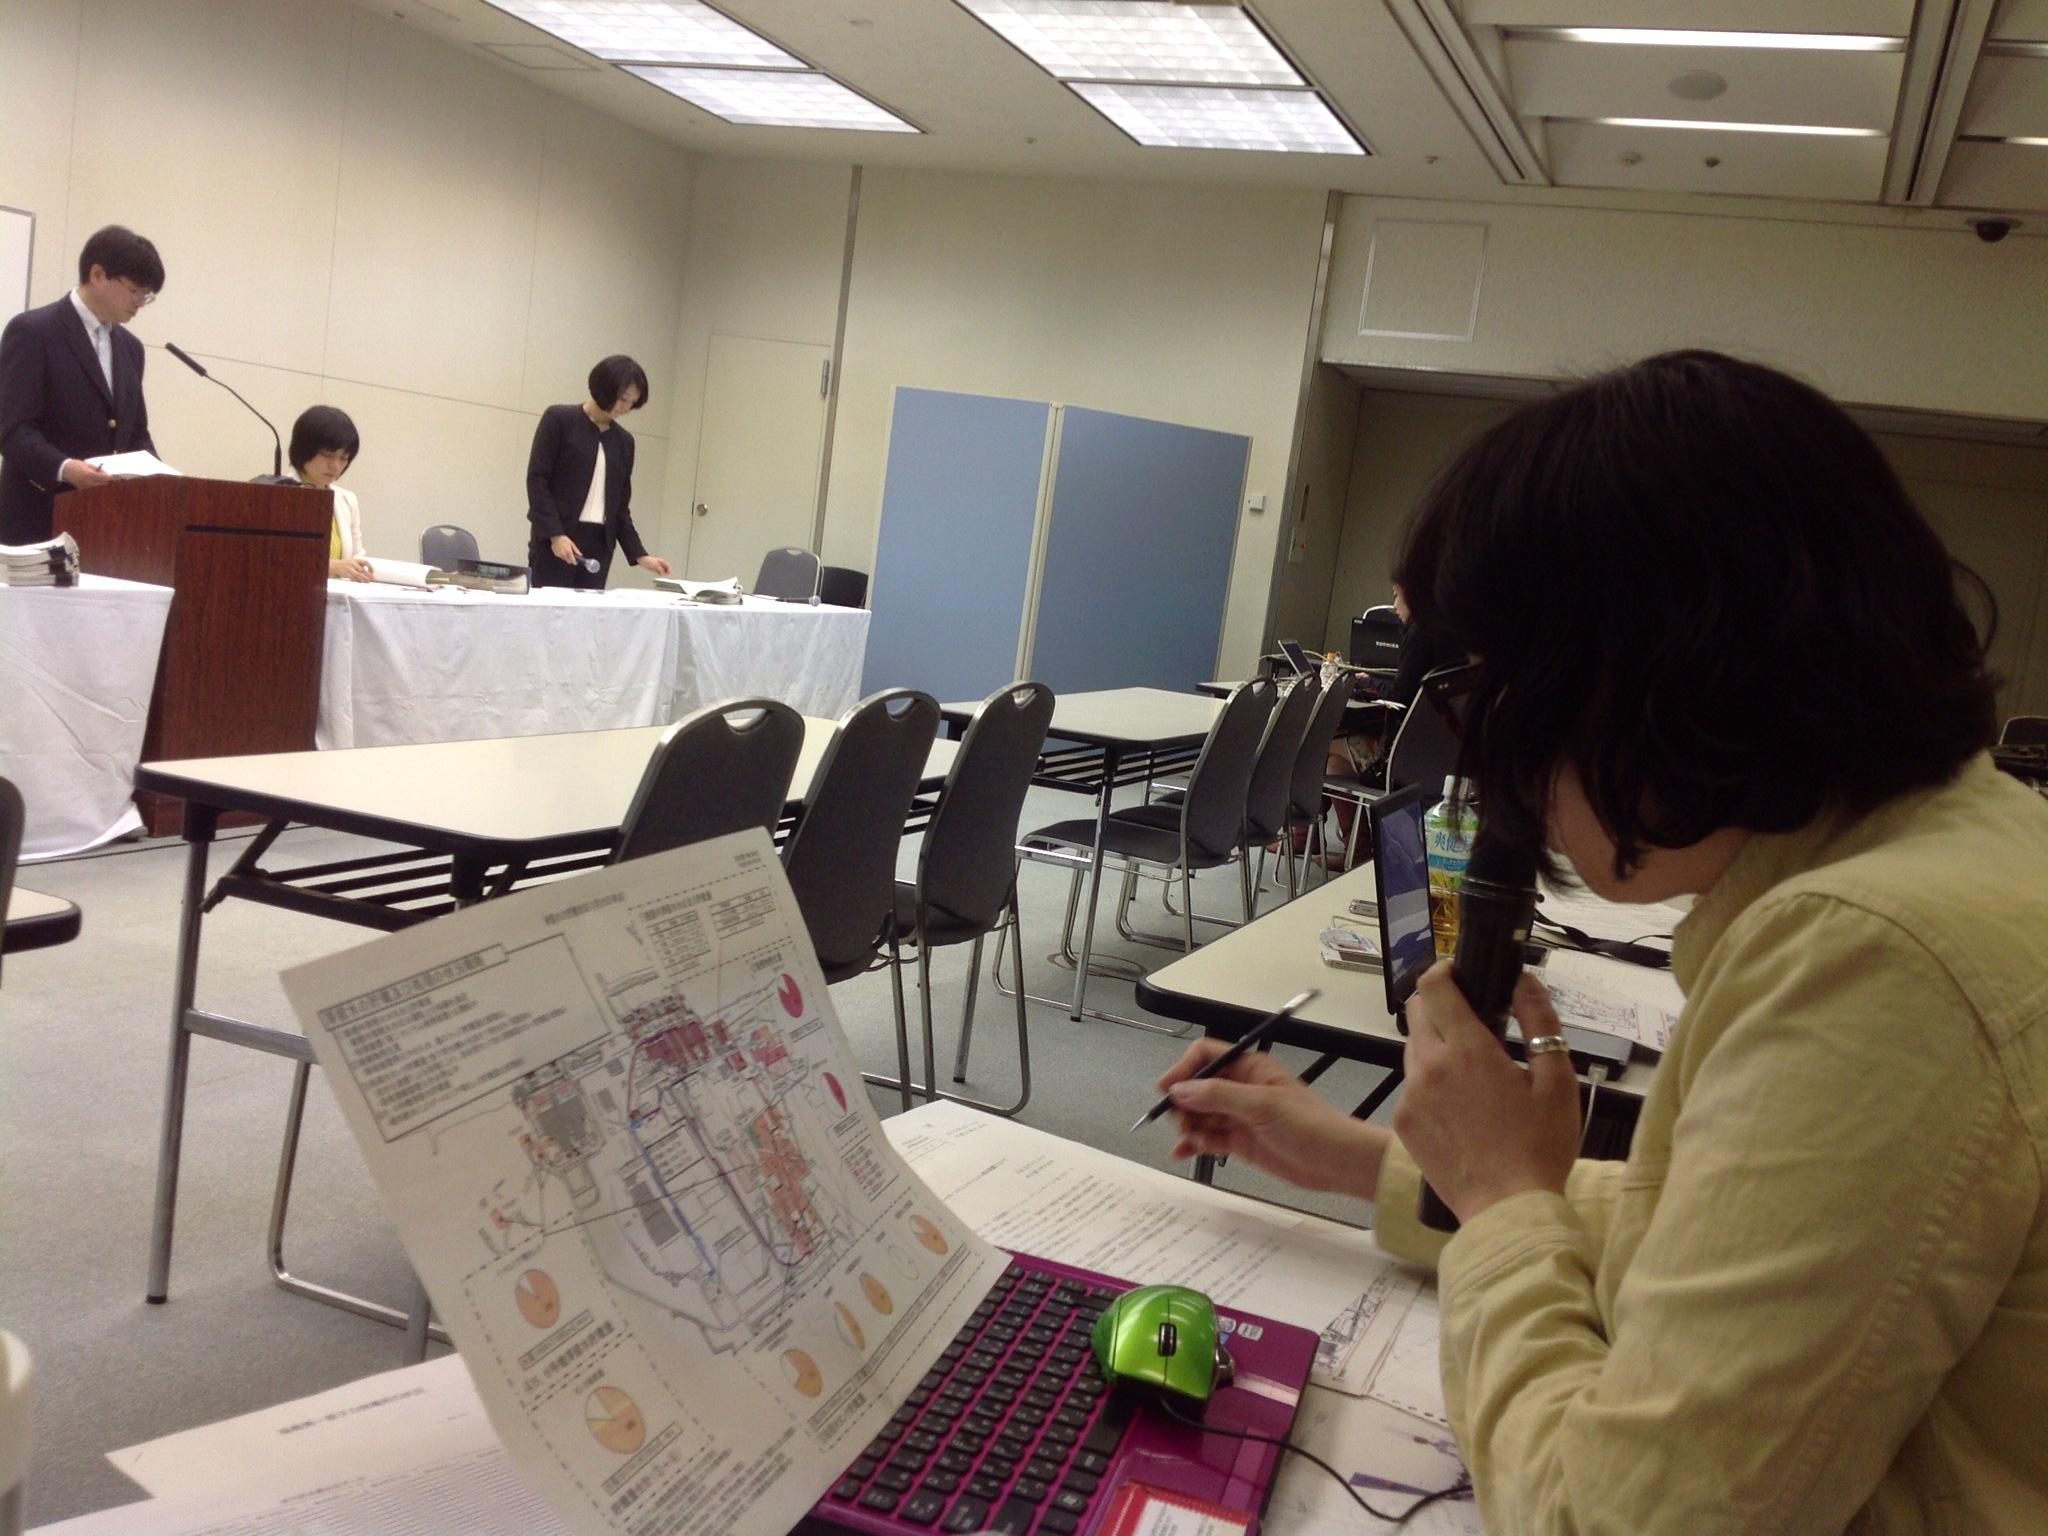 http://daily.magazine9.jp/m9/oshidori/IMG_4973.JPG